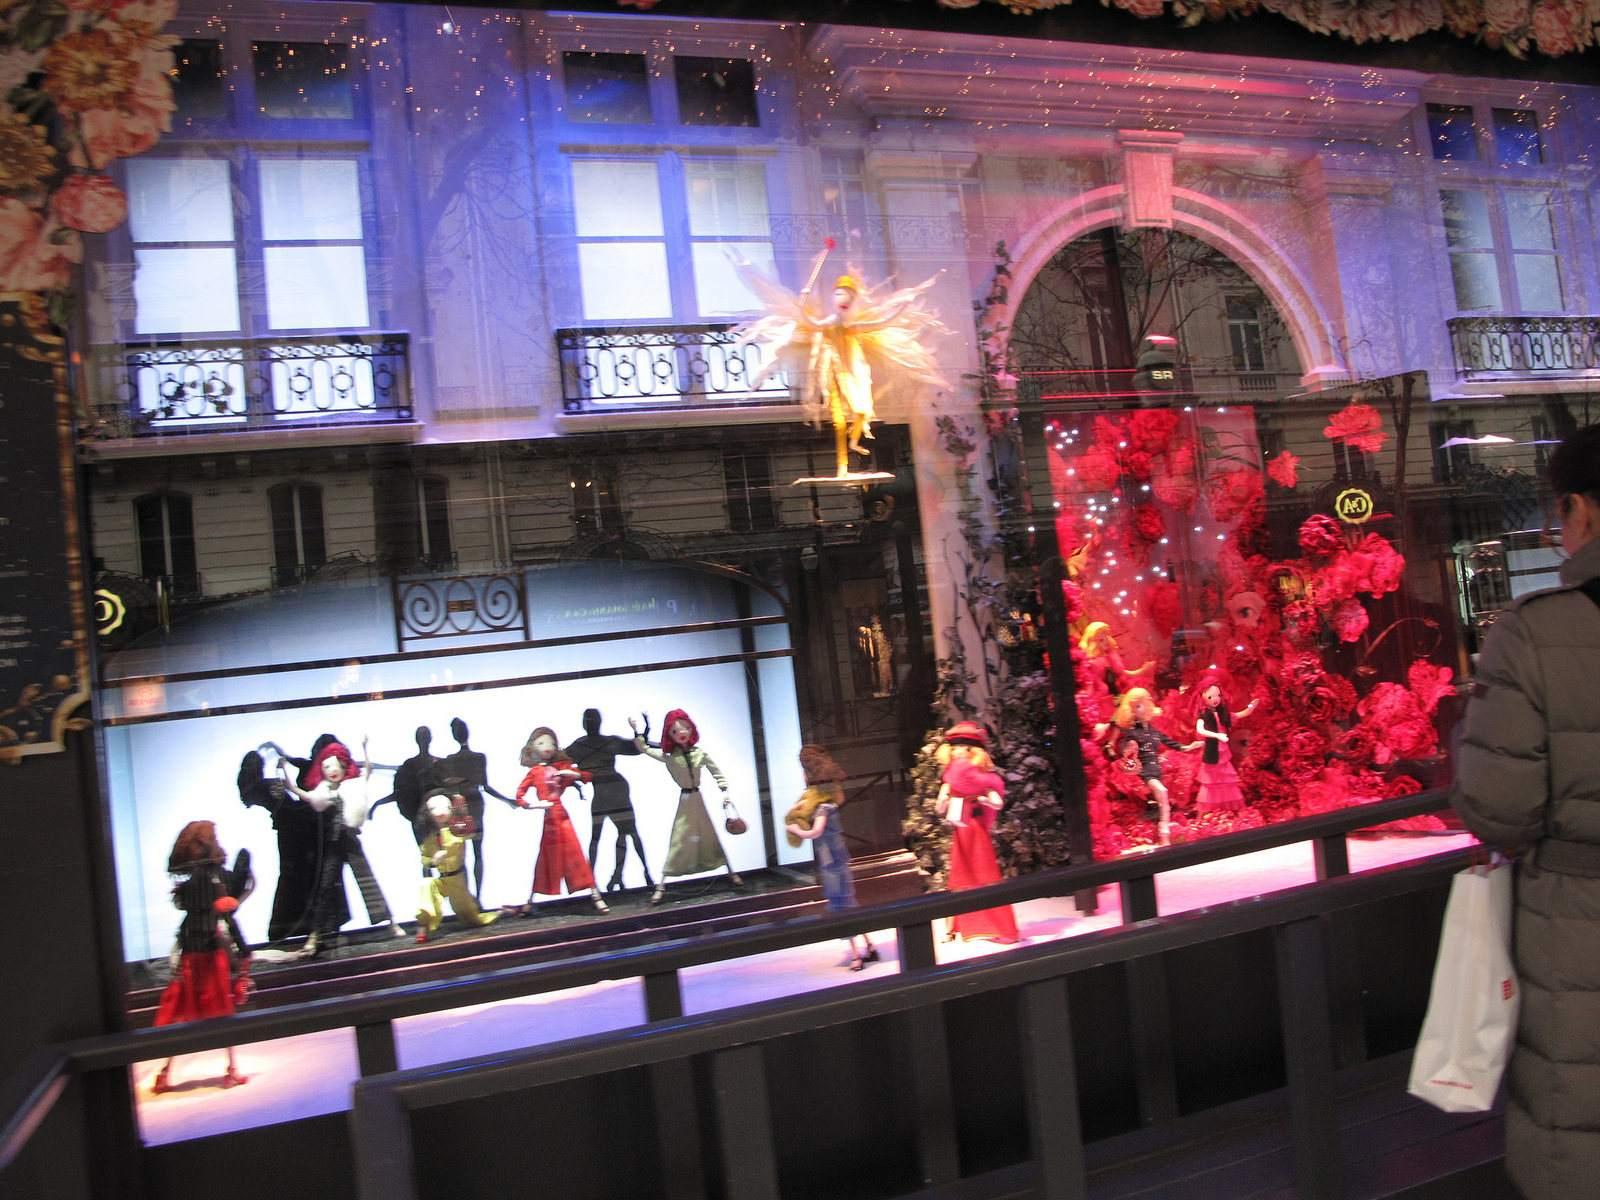 vitrines noel5 Christmas window displays in Paris